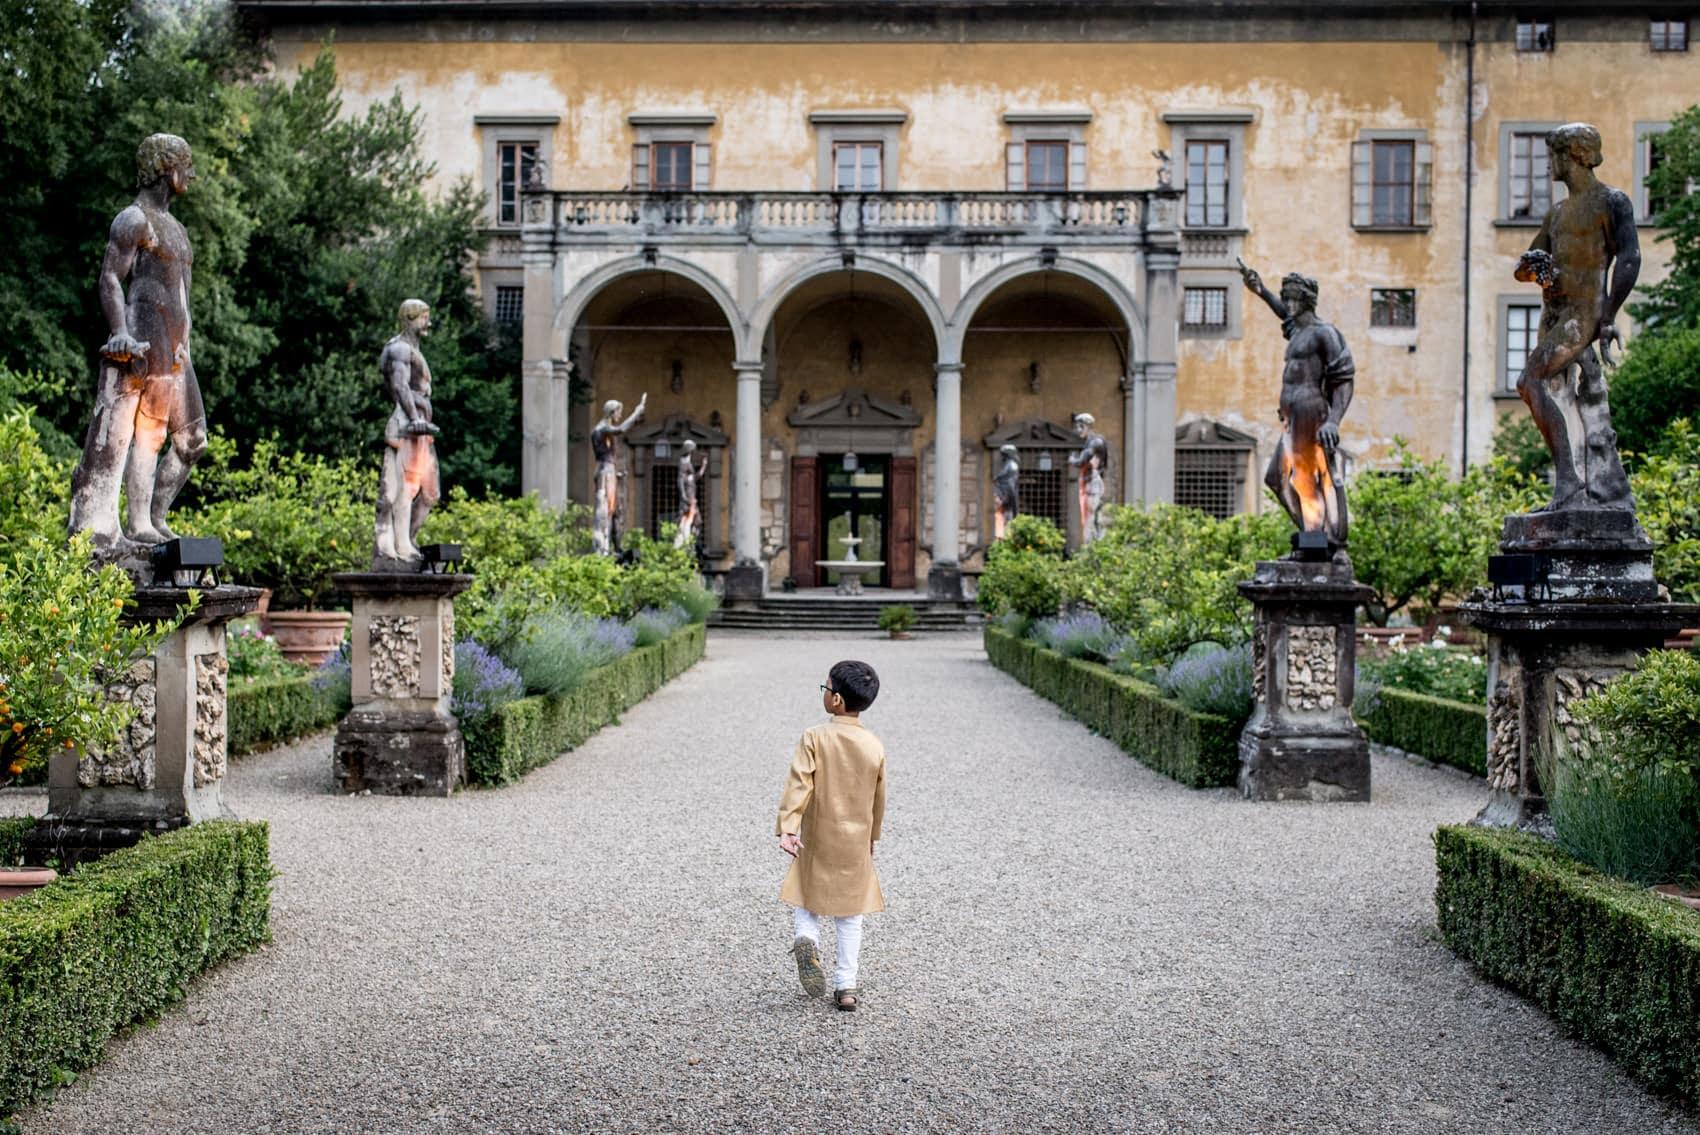 boy exploring a wedding at Giardino Corsini al Prato in Florence